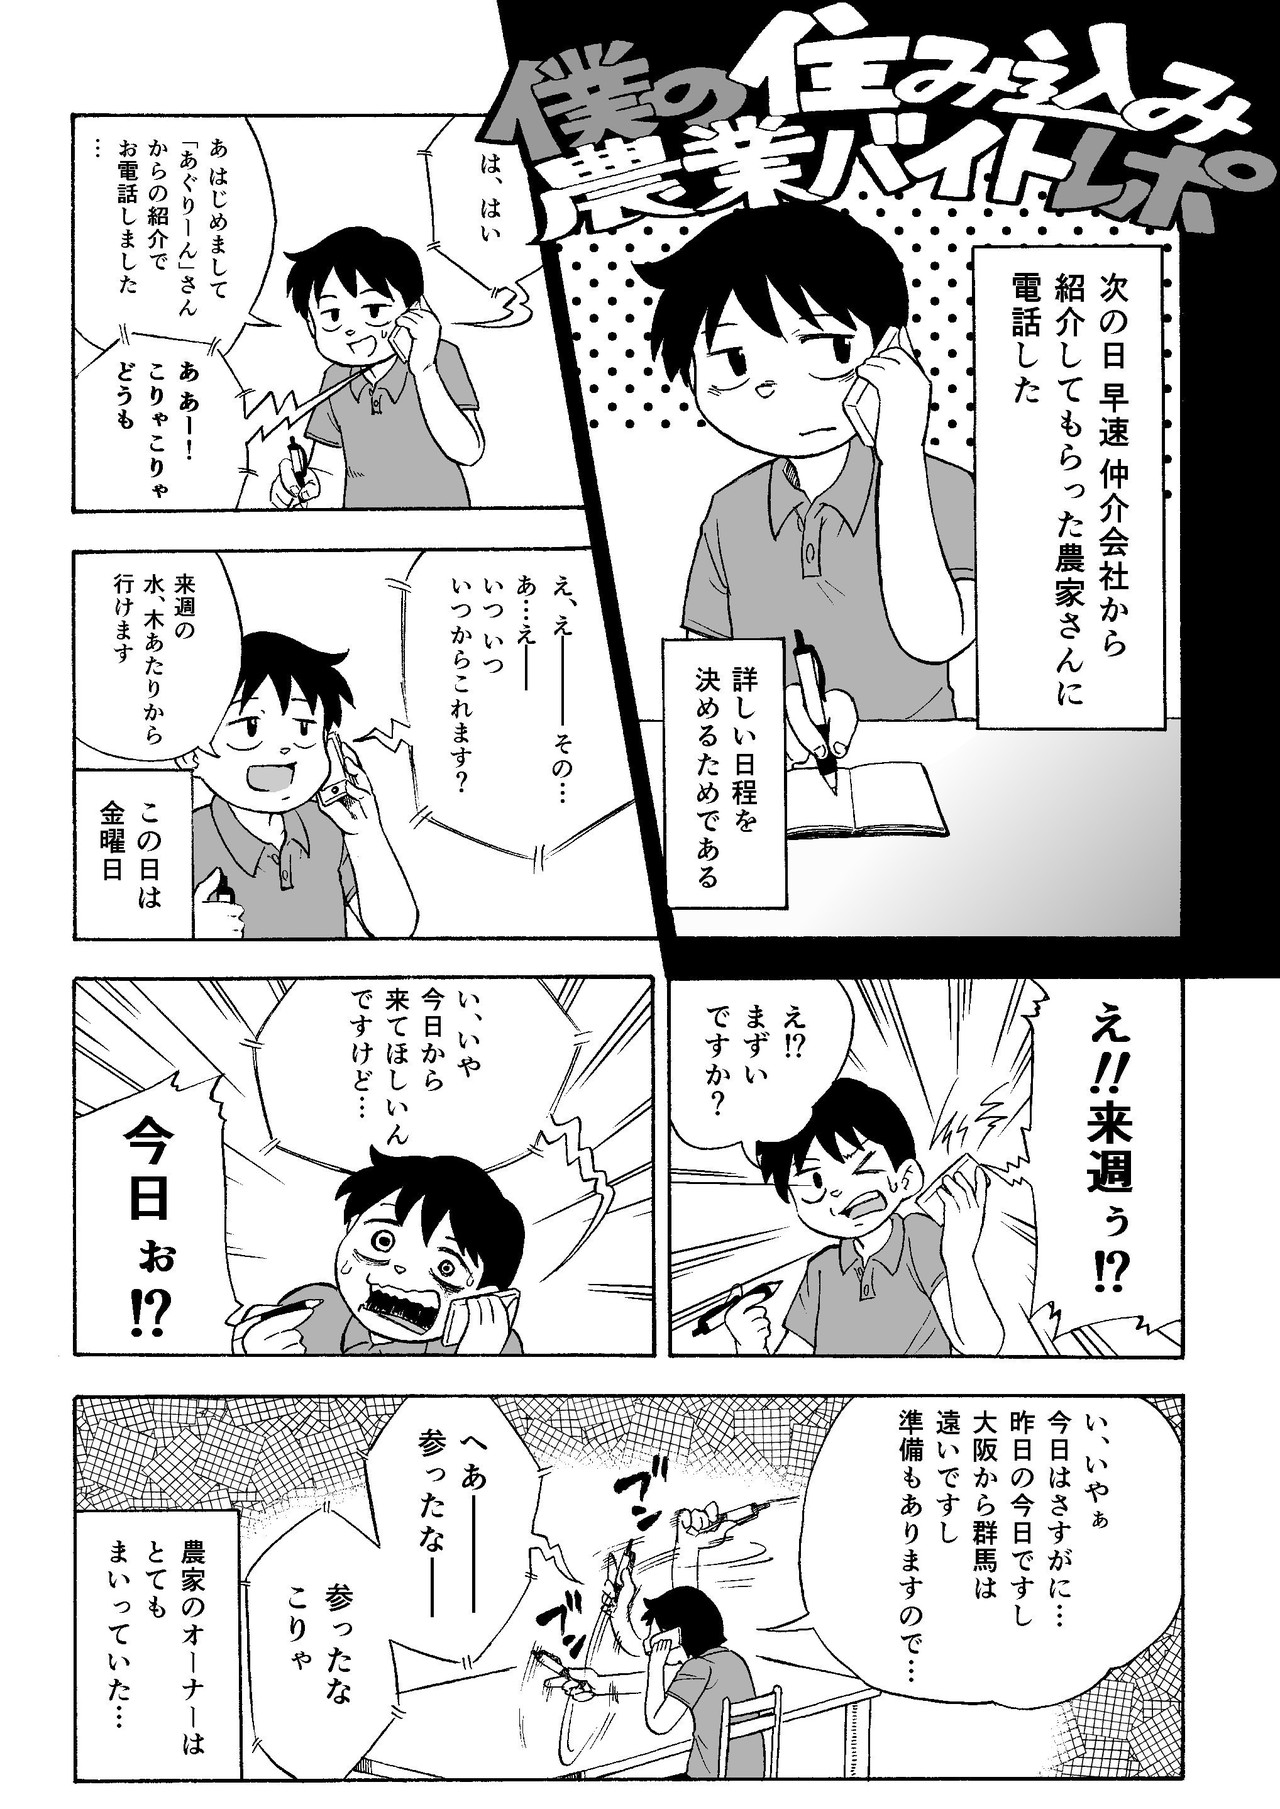 嬬恋日記_WEB投稿用__1_